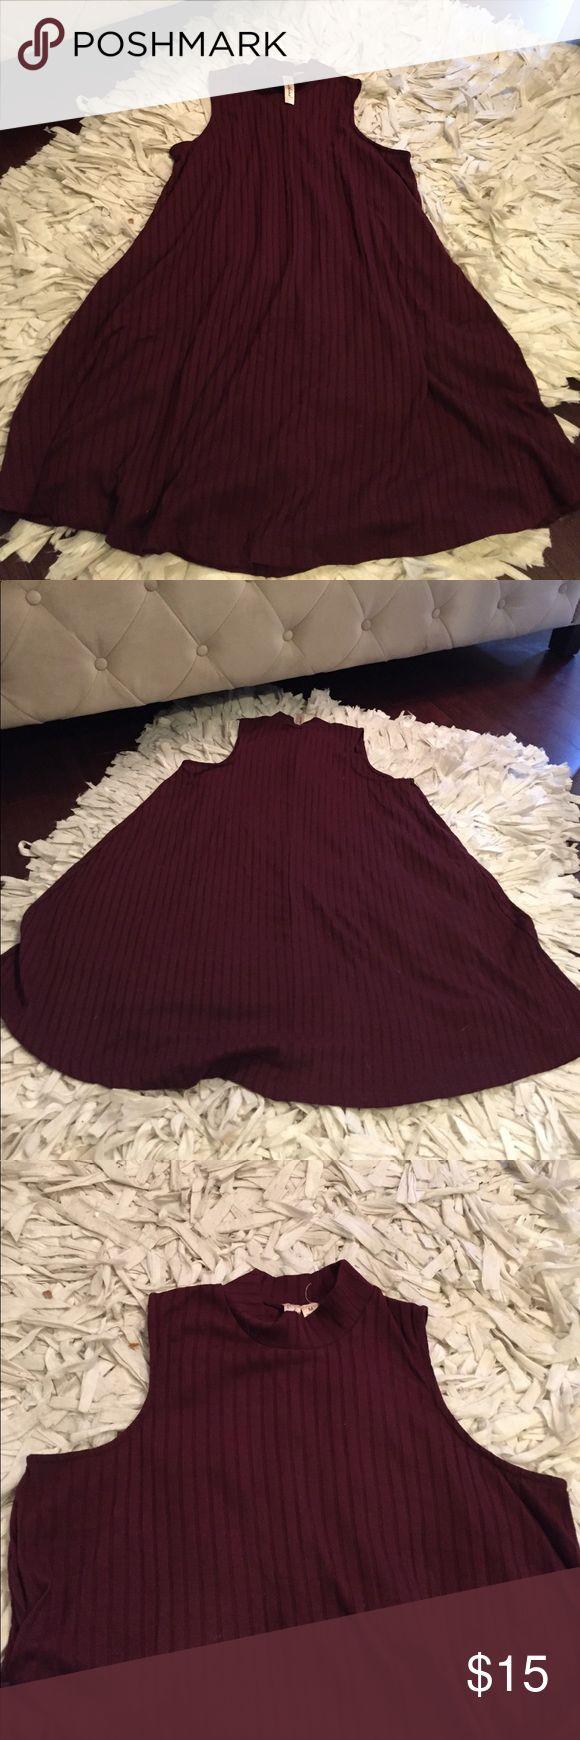 Ribbed Turtle neck sleeveless dress Burgundy ribbed light knit flowy dress. Small turtle neck Dresses